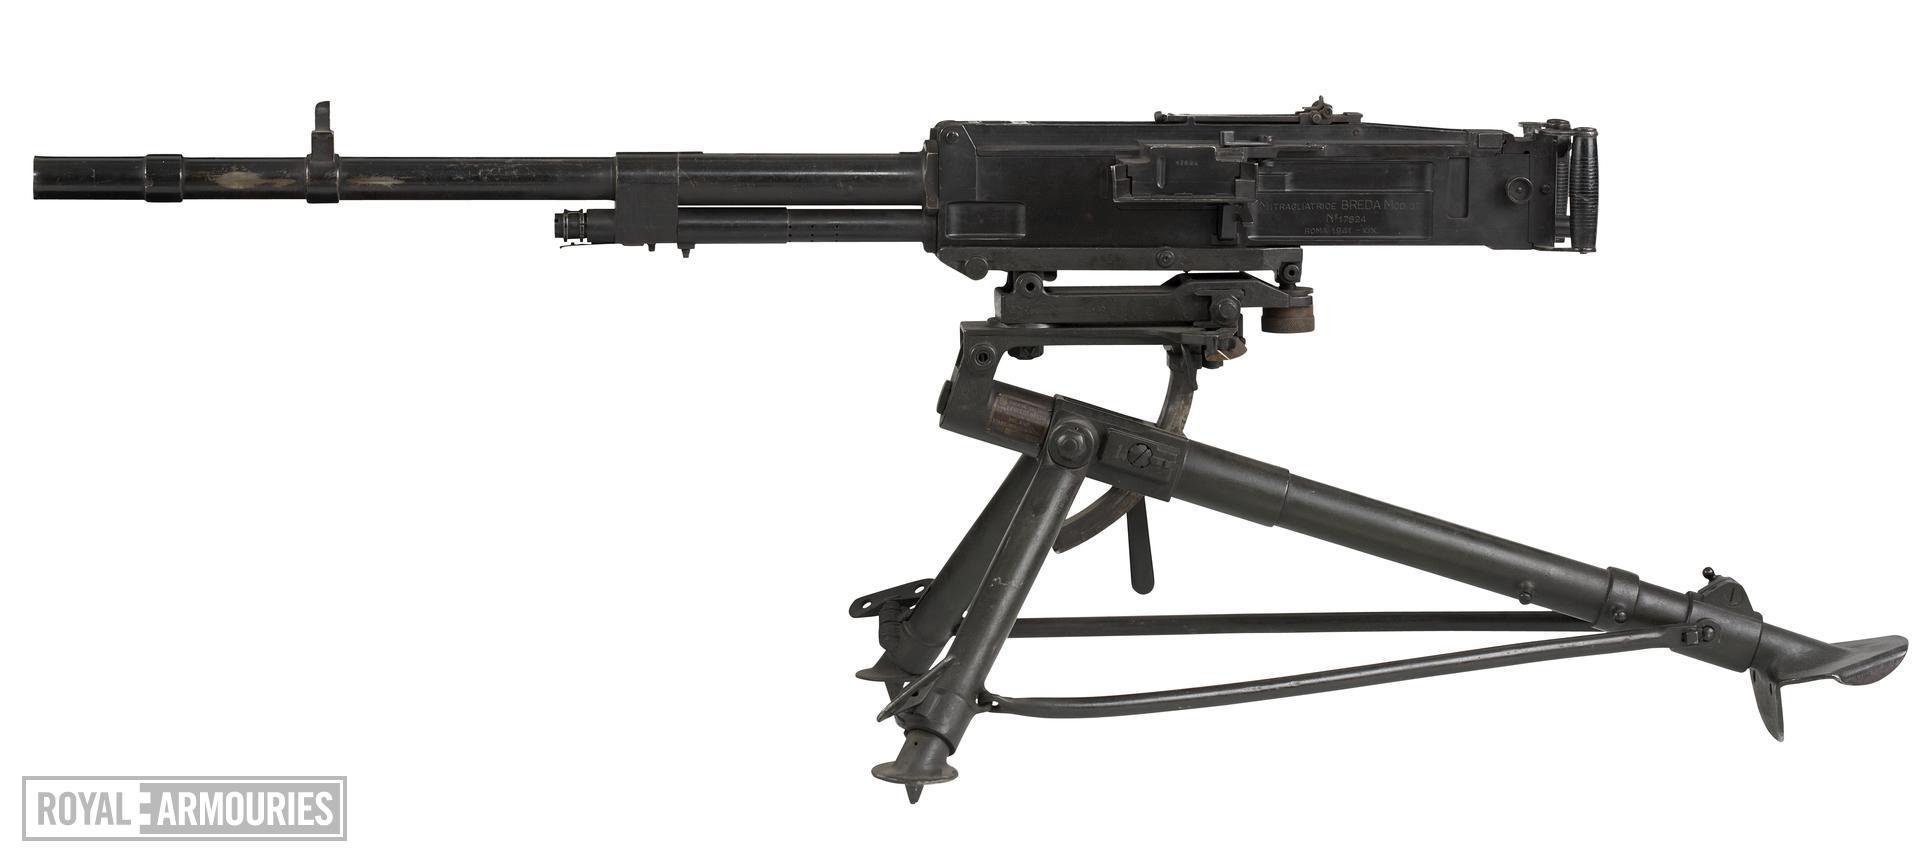 Centrefire automatic machine gun - Breda Model 1937